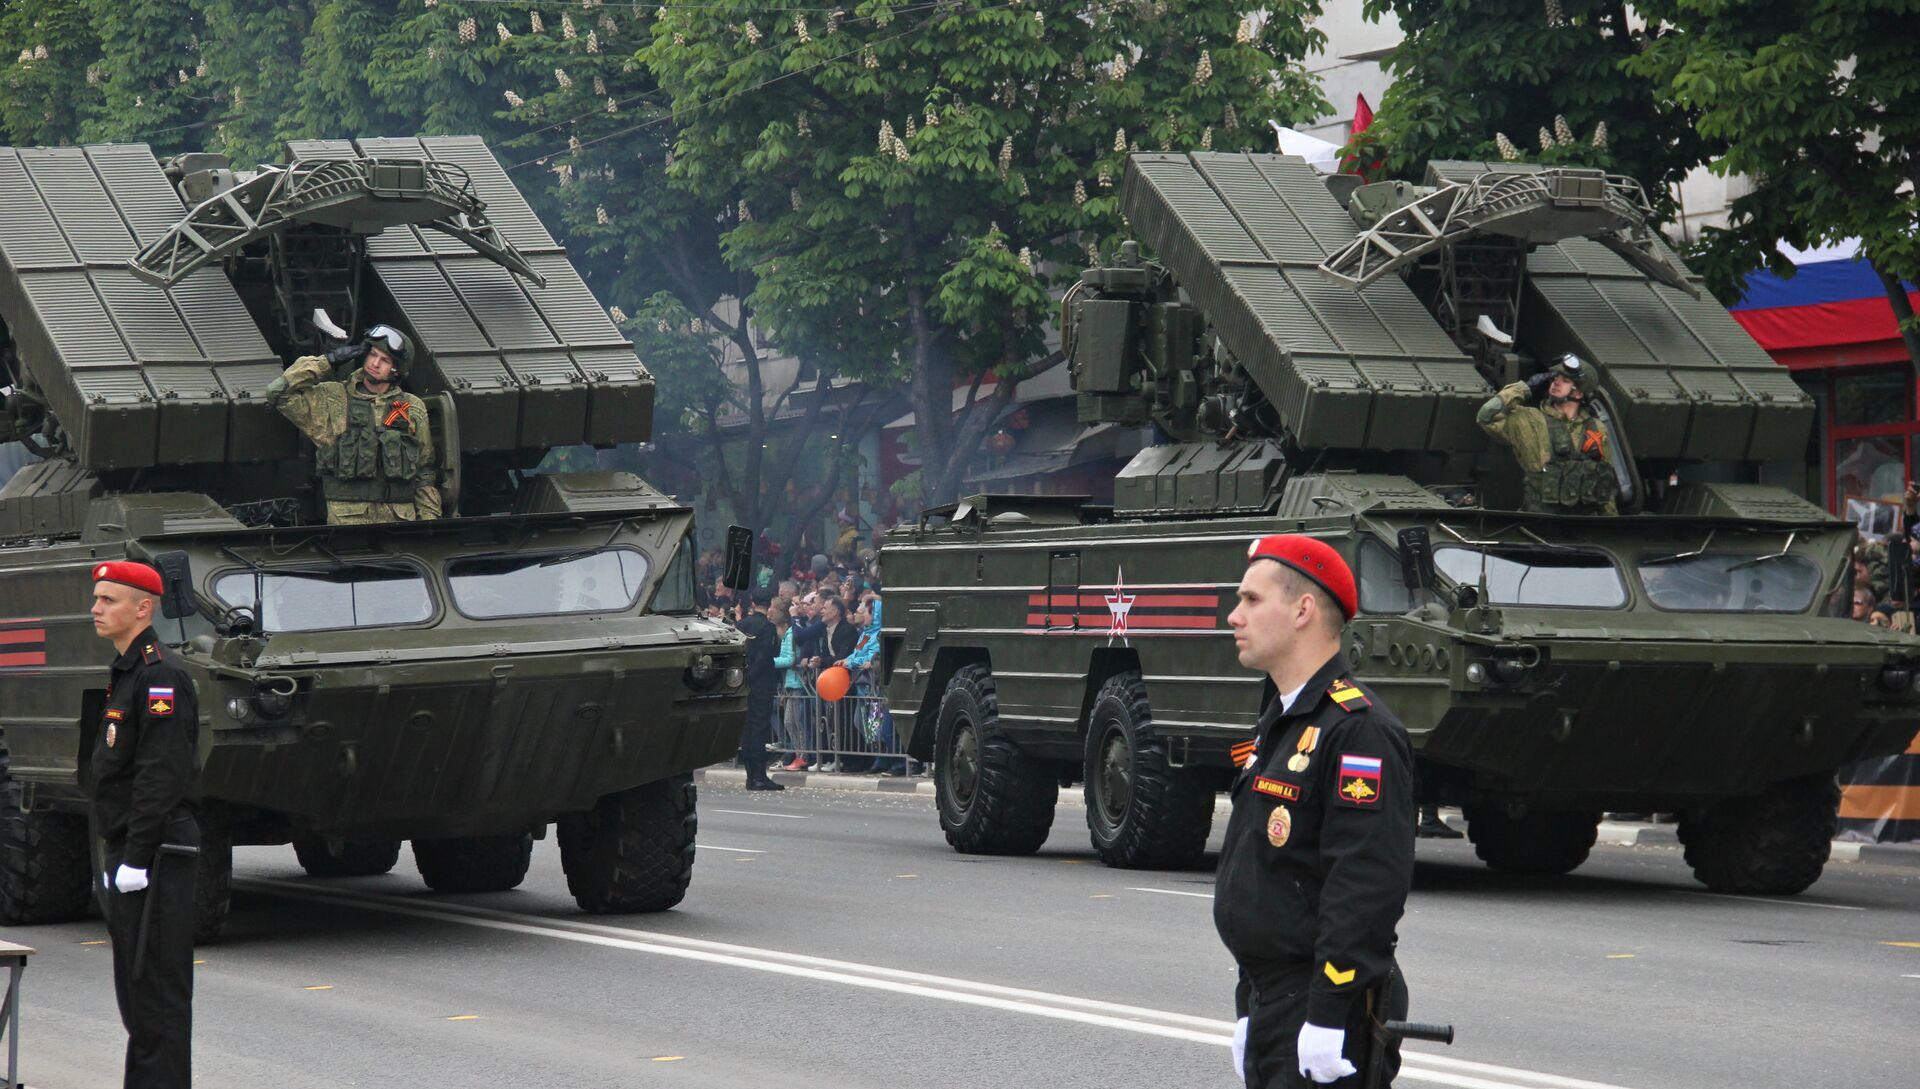 Военный парад в честь Дня Победы в Симферополе. 9 мая 2019 - РИА Новости, 1920, 15.03.2021